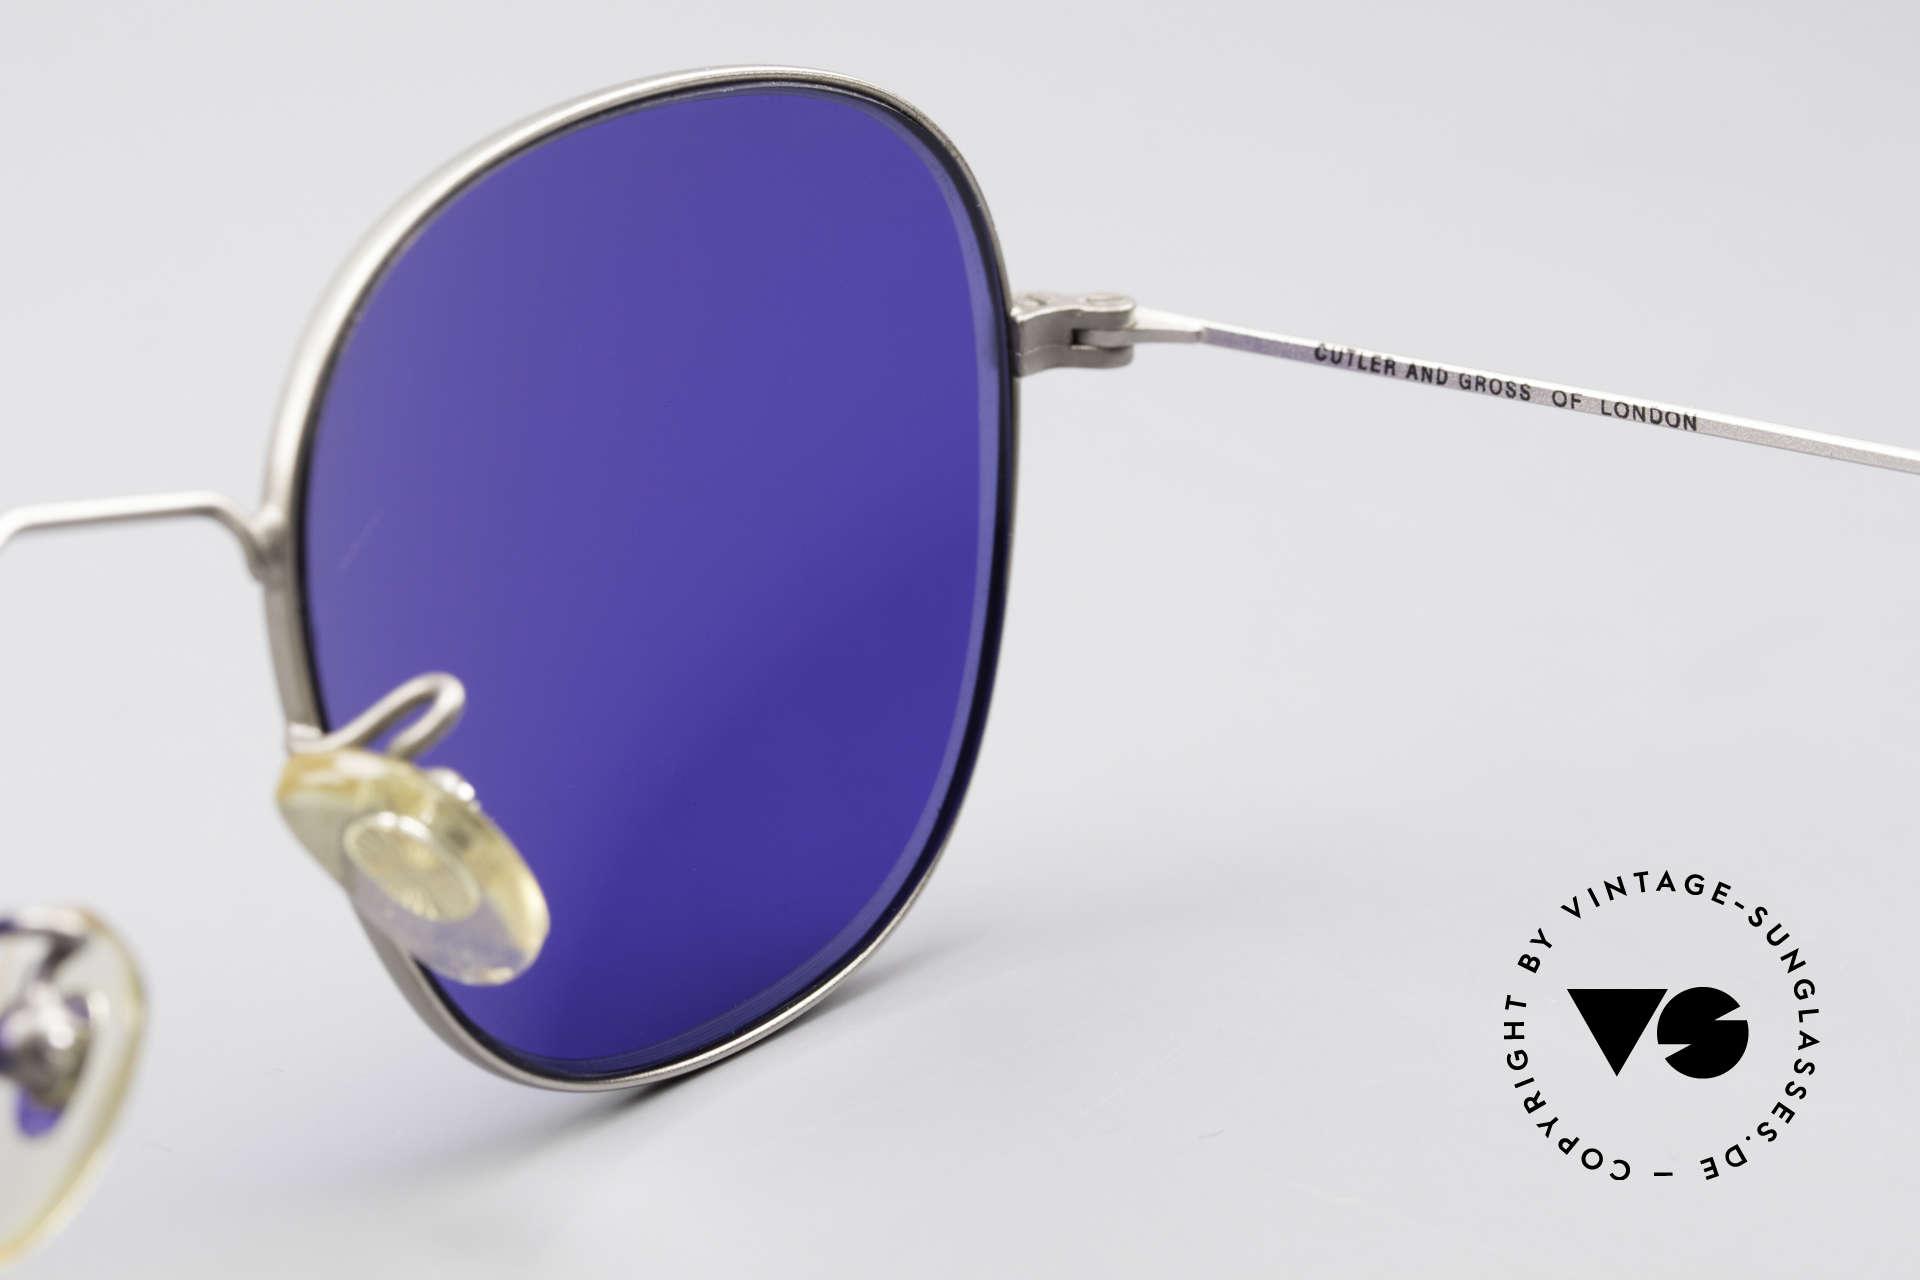 Cutler And Gross 0307 Klassische Vintage Brille 90er, ungetragen; Modell ist auch beliebig optisch verglasbar, Passend für Herren und Damen